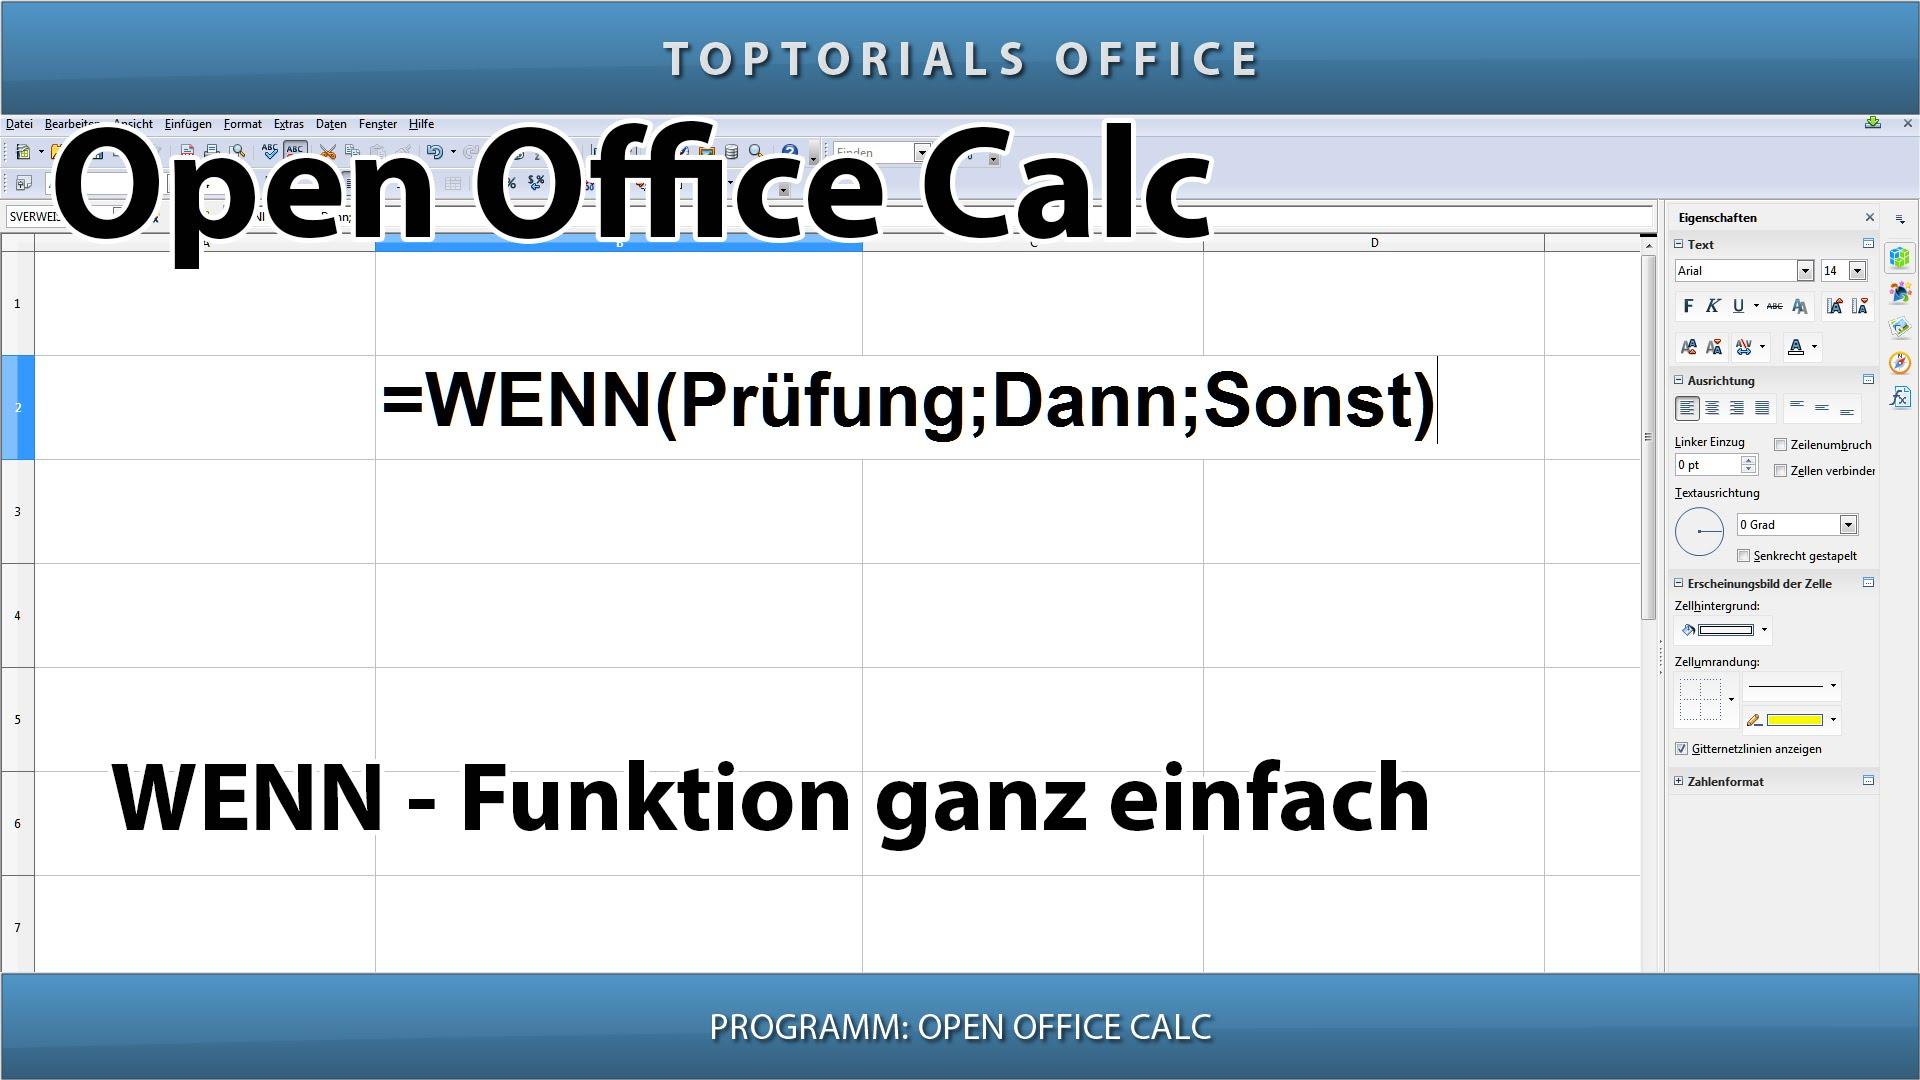 Schön Blog Haftungsausschluss Vorlage Fotos - Entry Level Resume ...